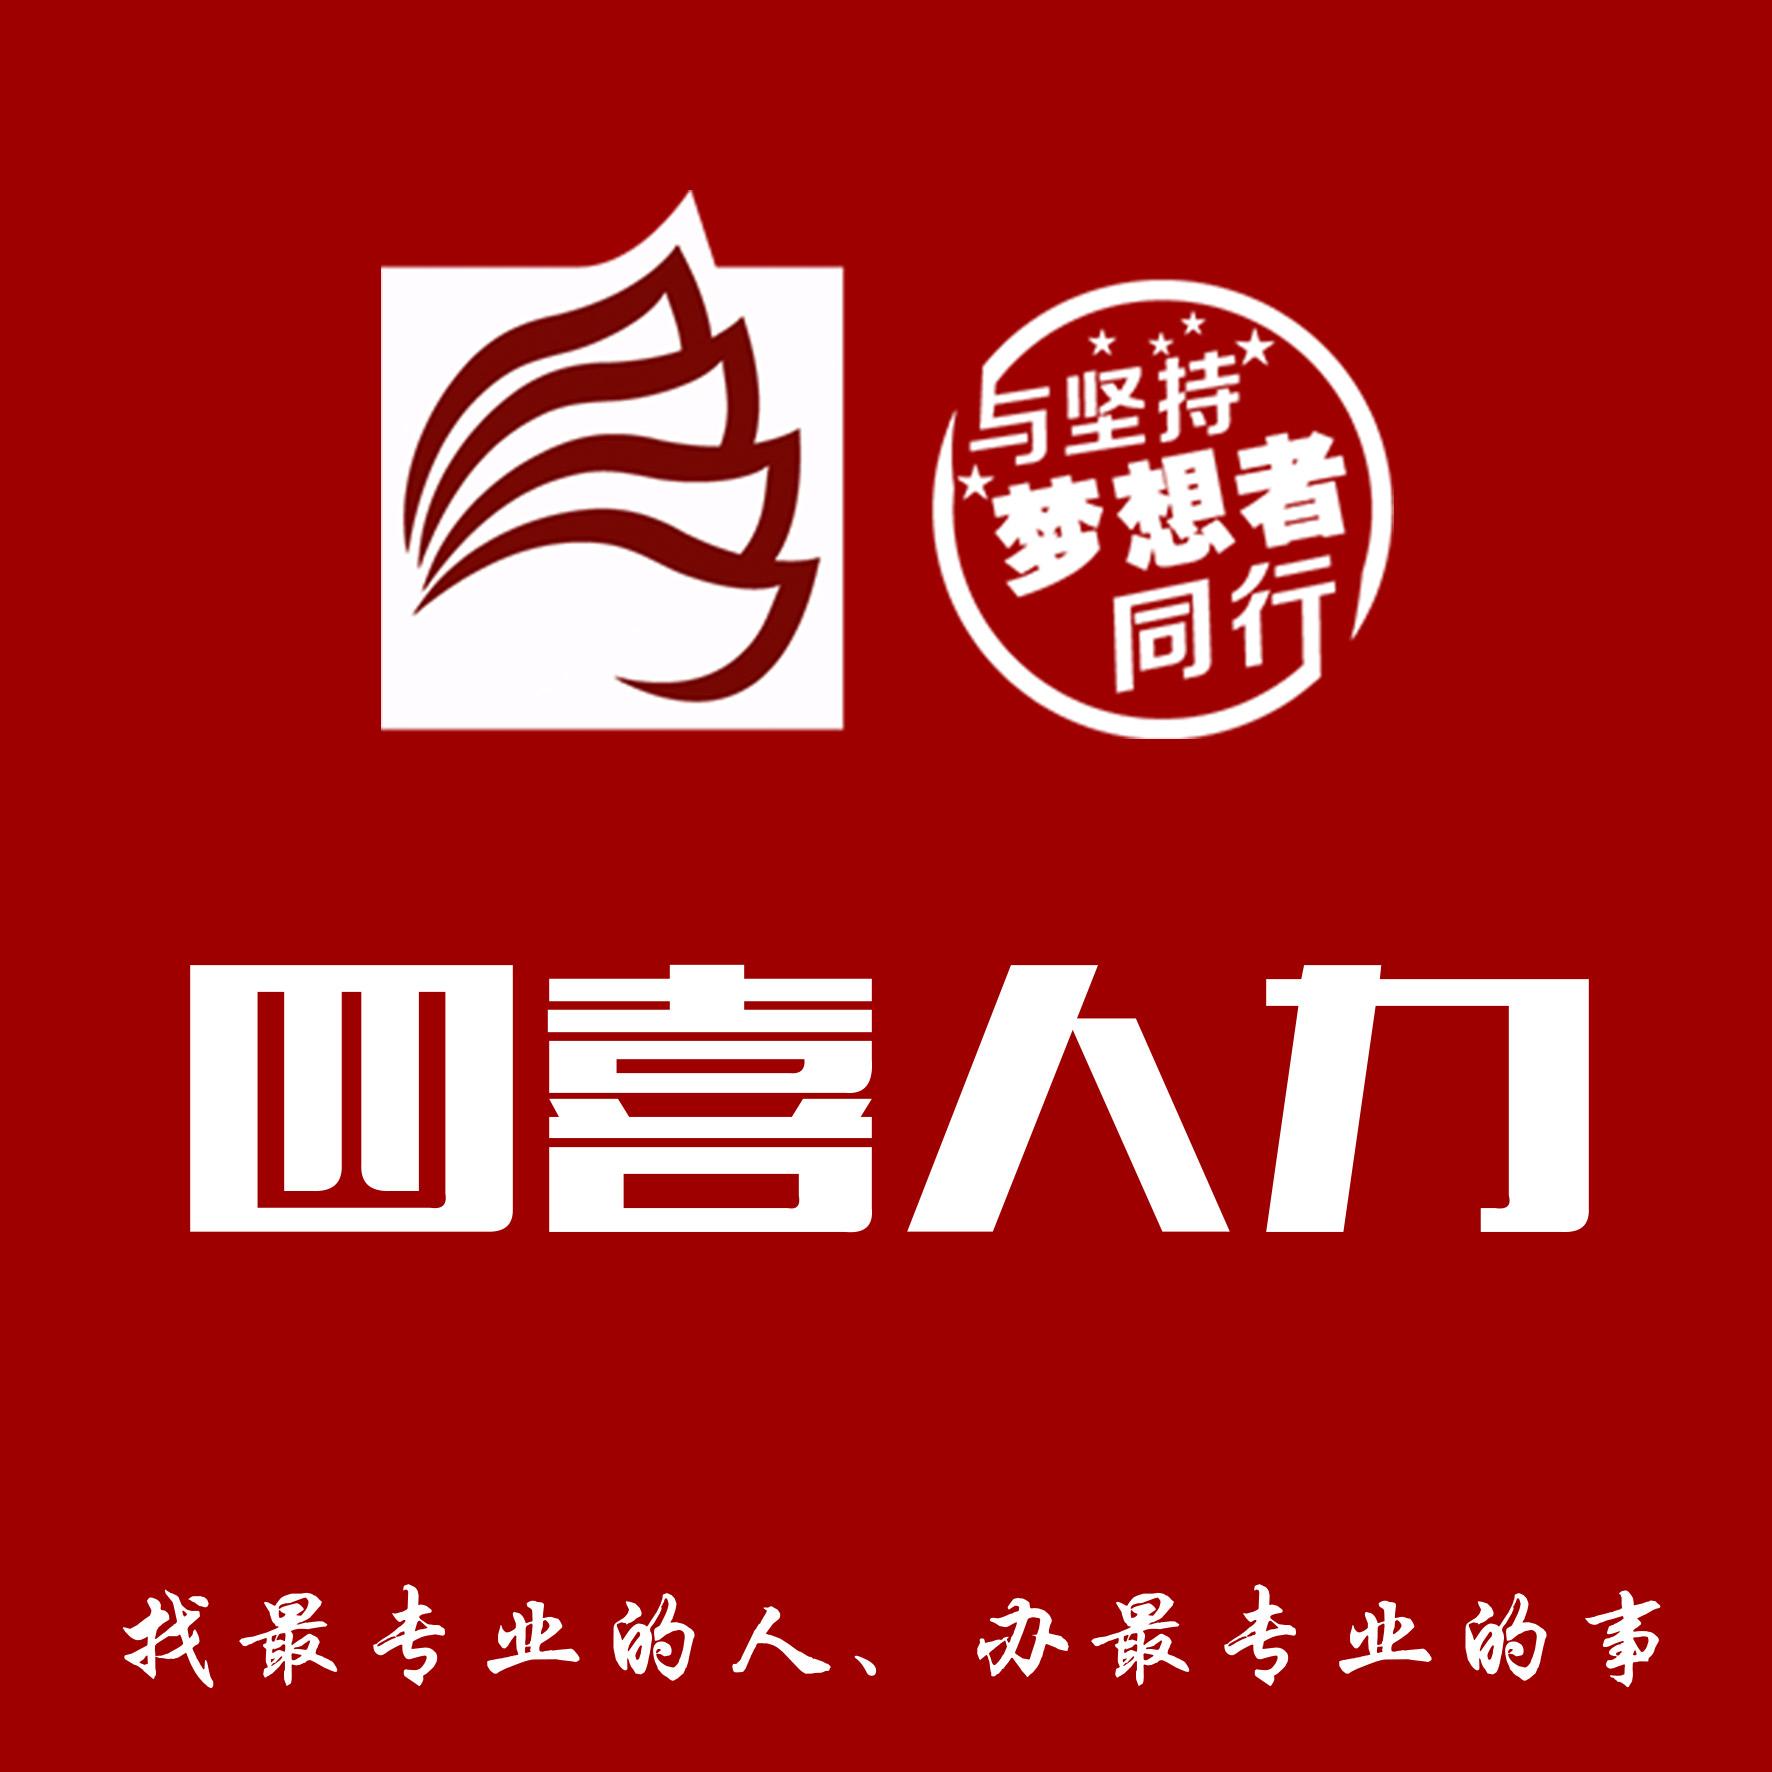 浙江四喜人力资源有限公司